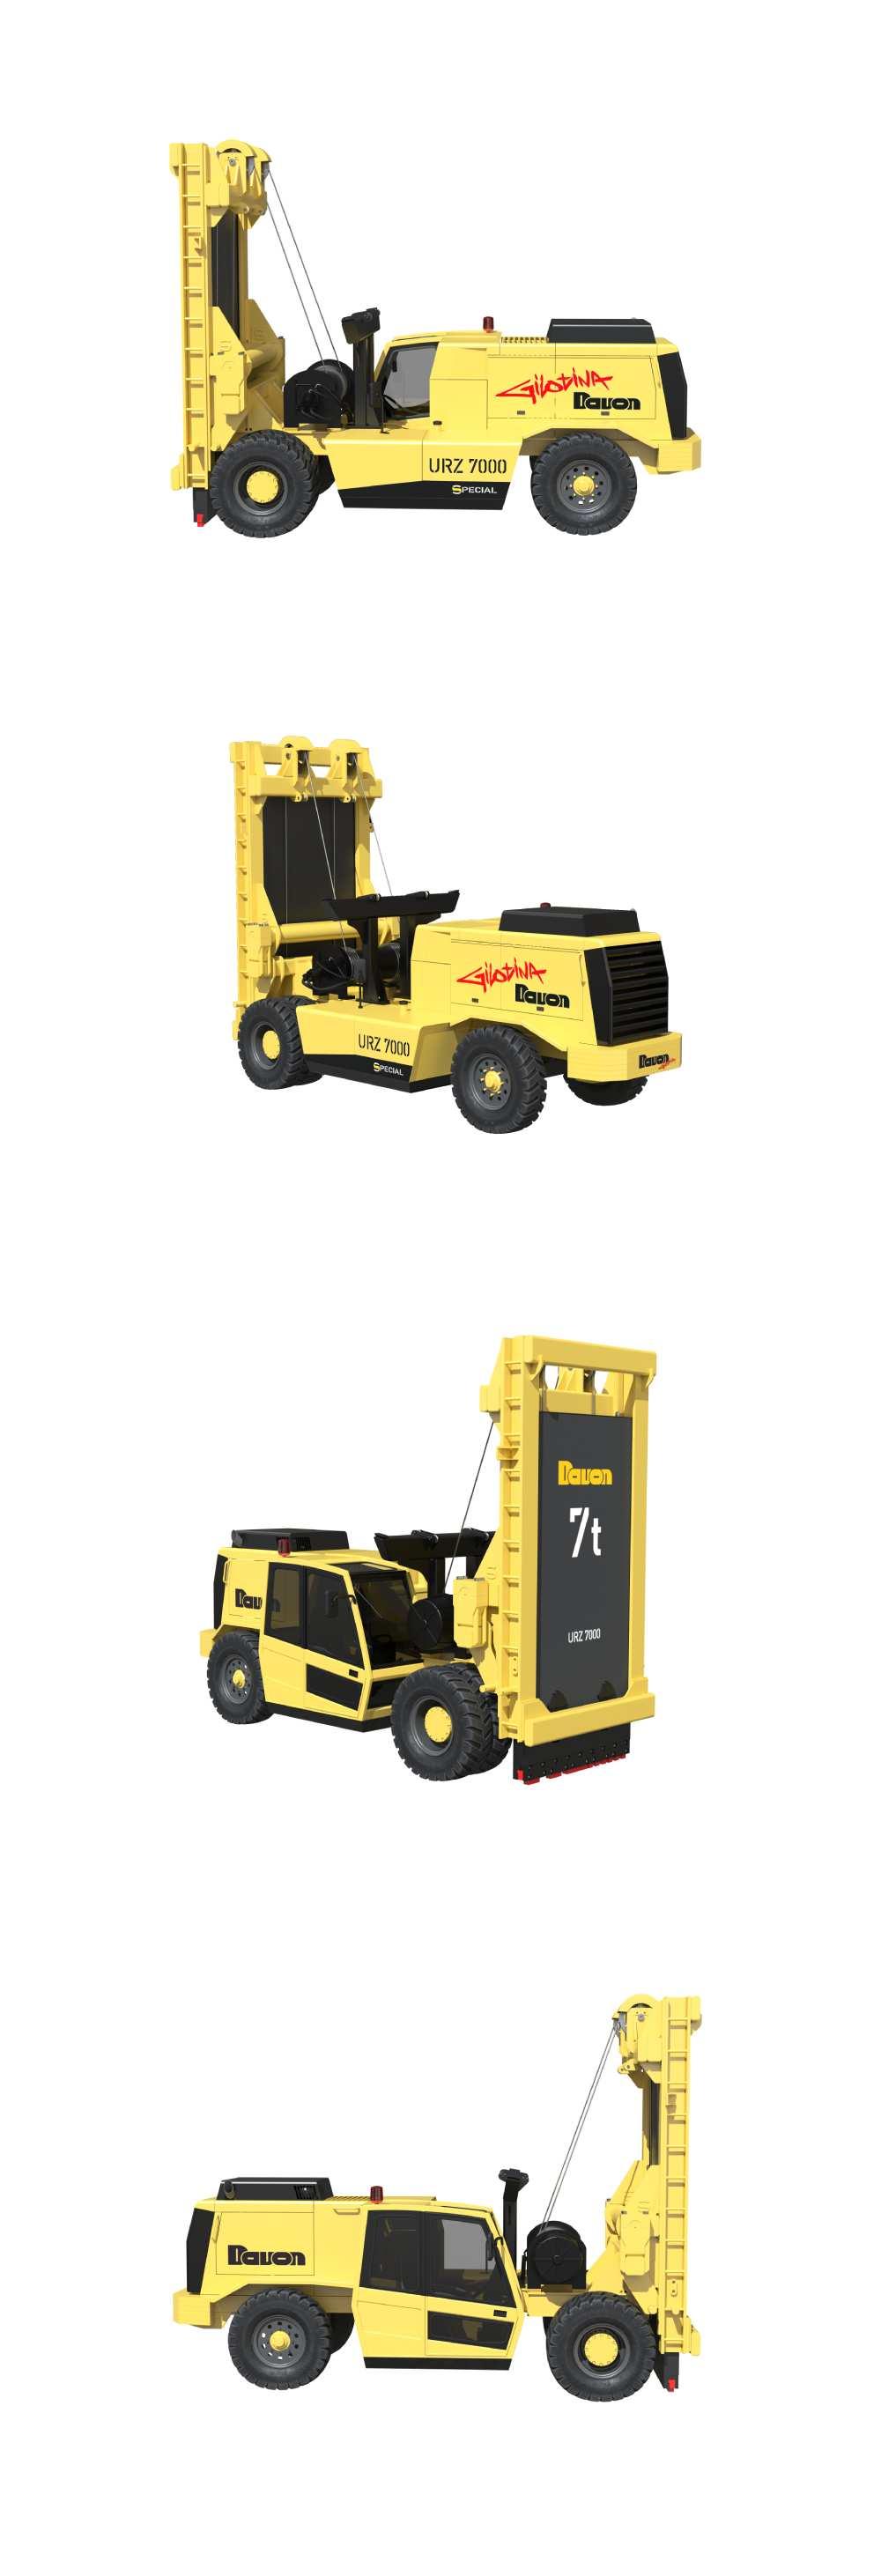 URZ 7000 – GILOTINA - DAVON – Técnica de extracción y de construcción